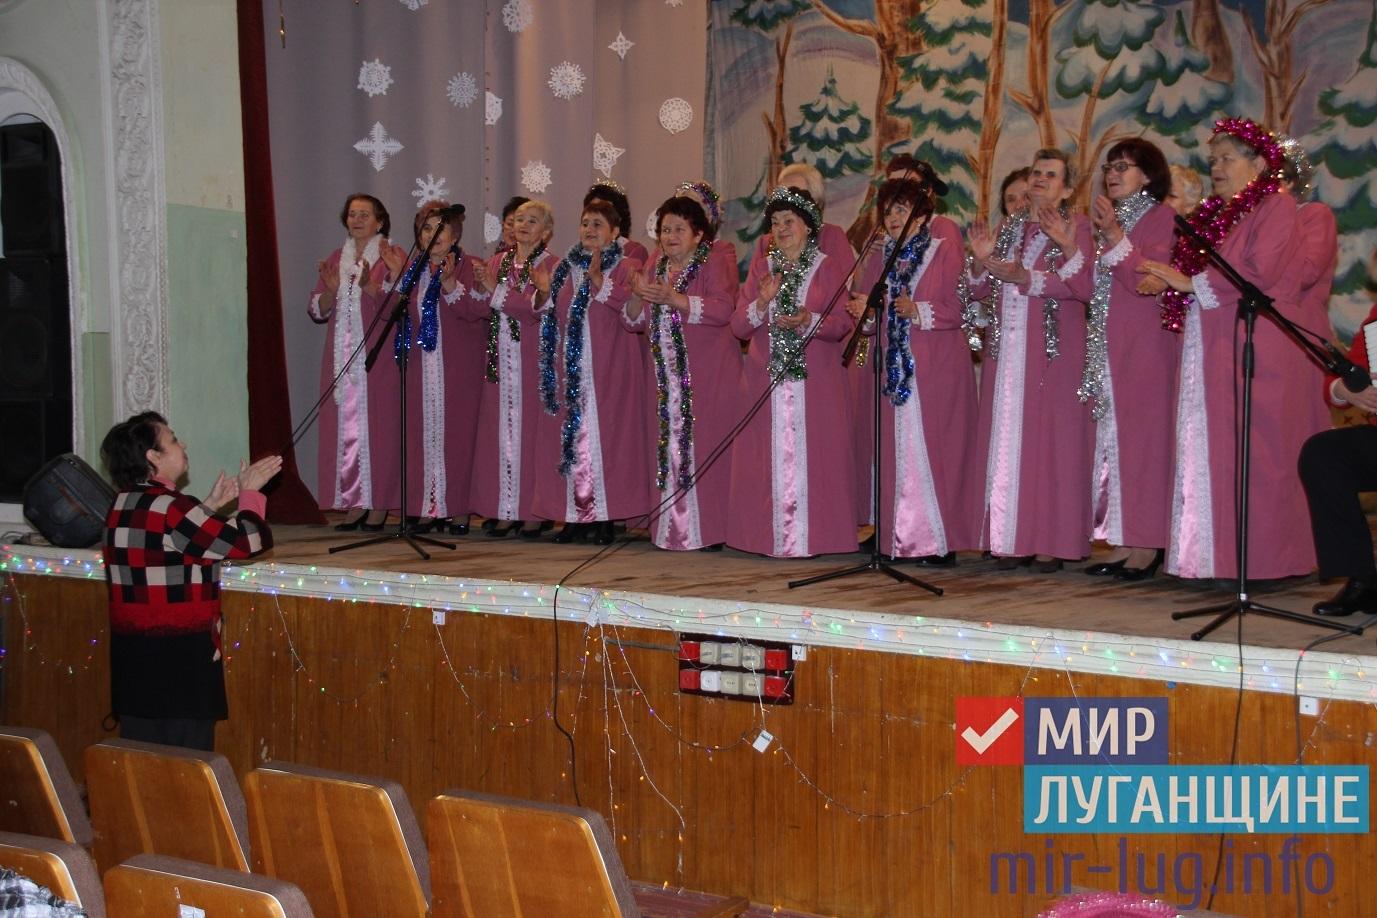 Праздничный концерт прошел в Лутугино 1